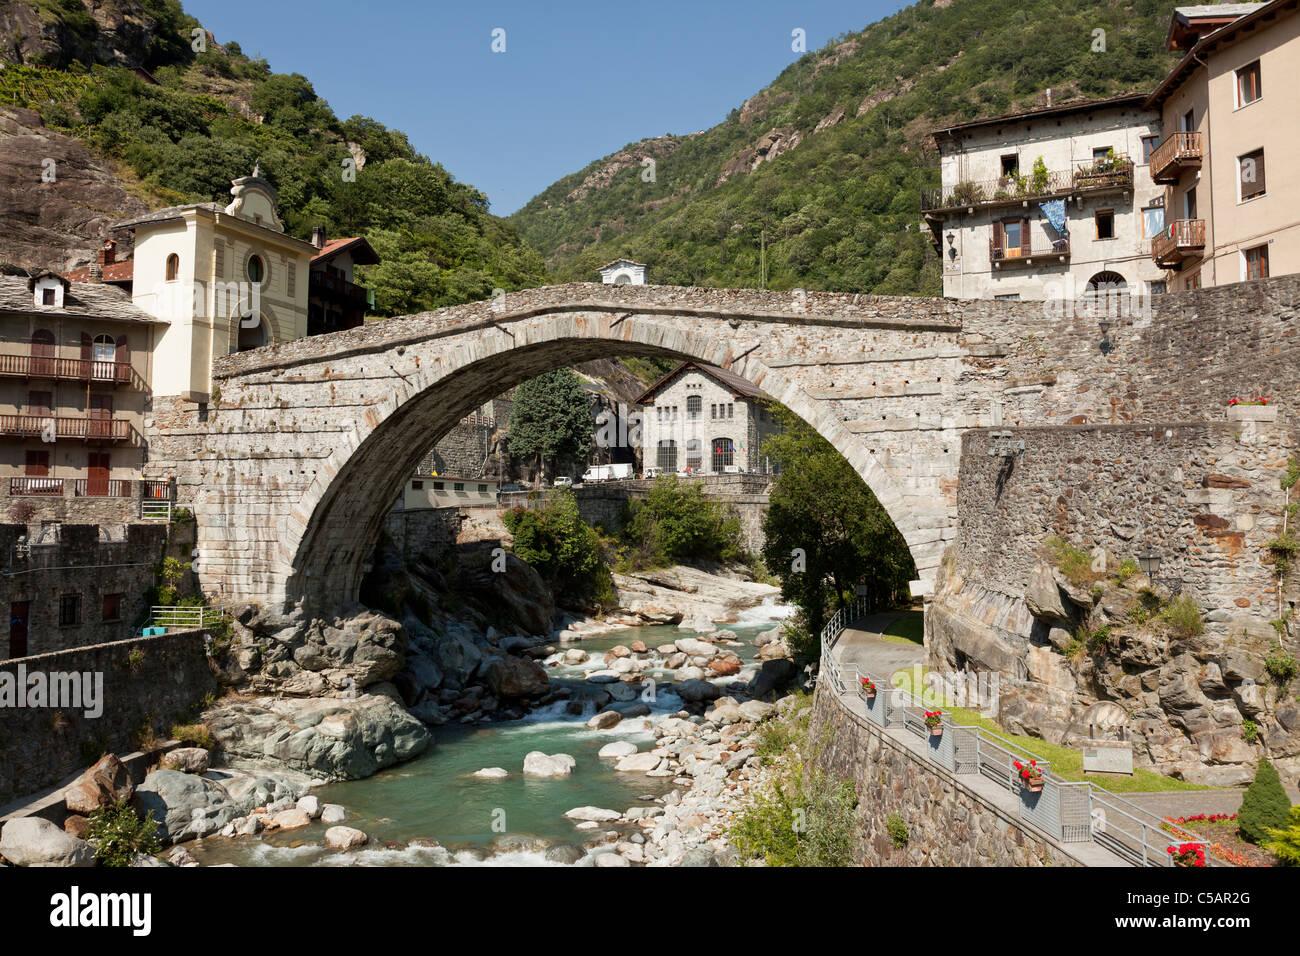 ponte romano di pont saint martin valle d 39 aosta italia foto immagine stock 37731640 alamy. Black Bedroom Furniture Sets. Home Design Ideas